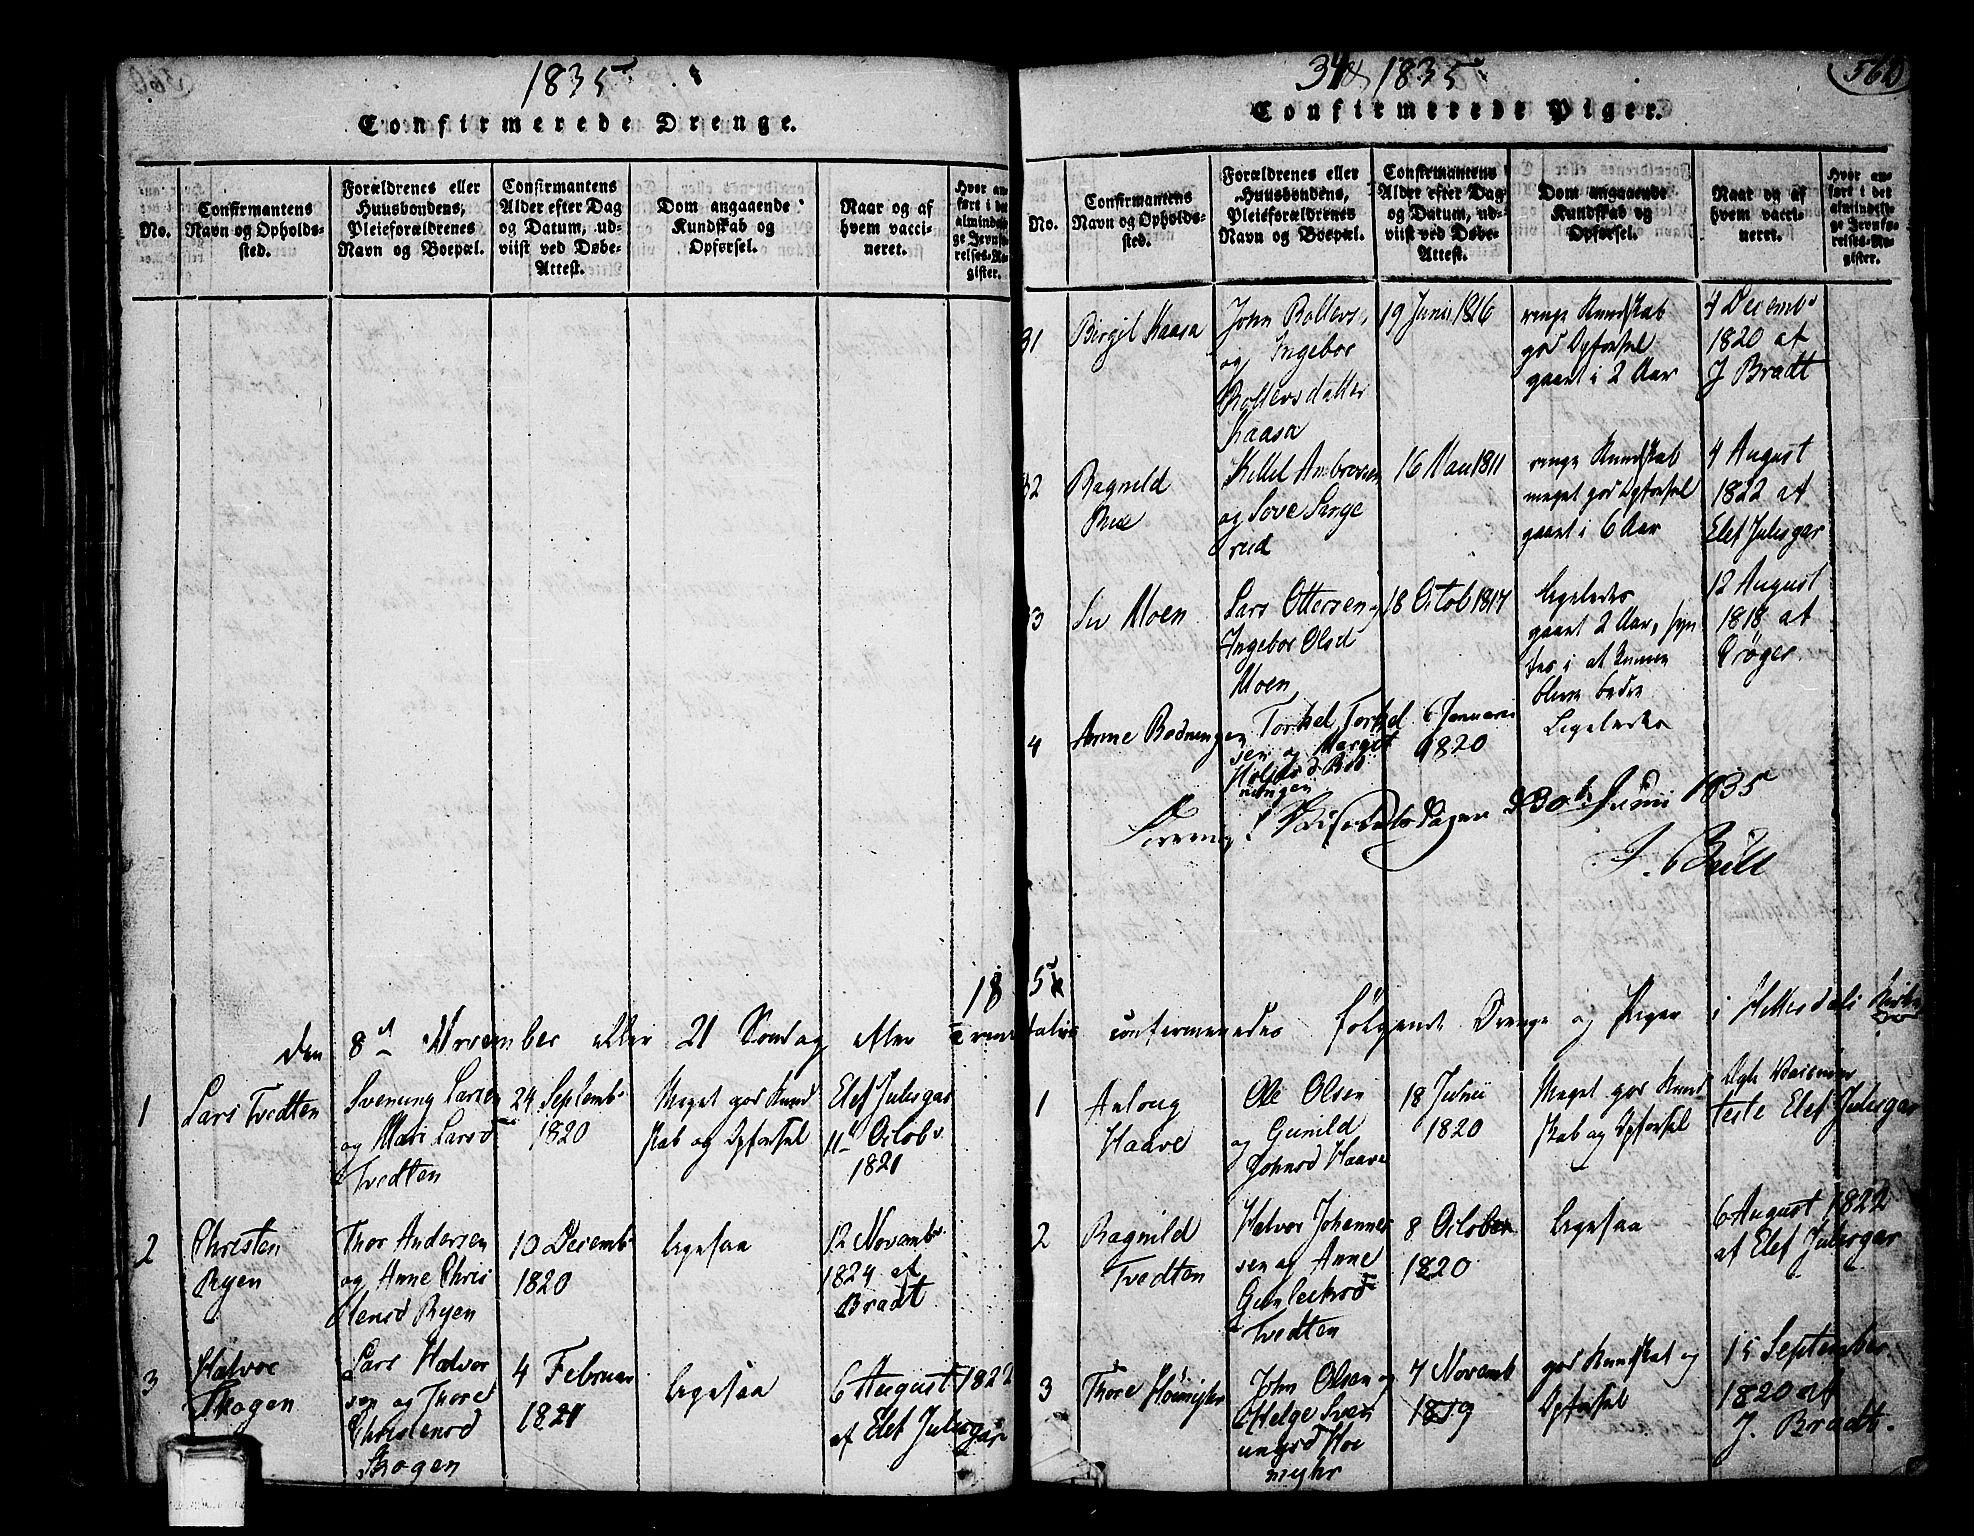 SAKO, Heddal kirkebøker, F/Fa/L0005: Ministerialbok nr. I 5, 1814-1837, s. 561-562